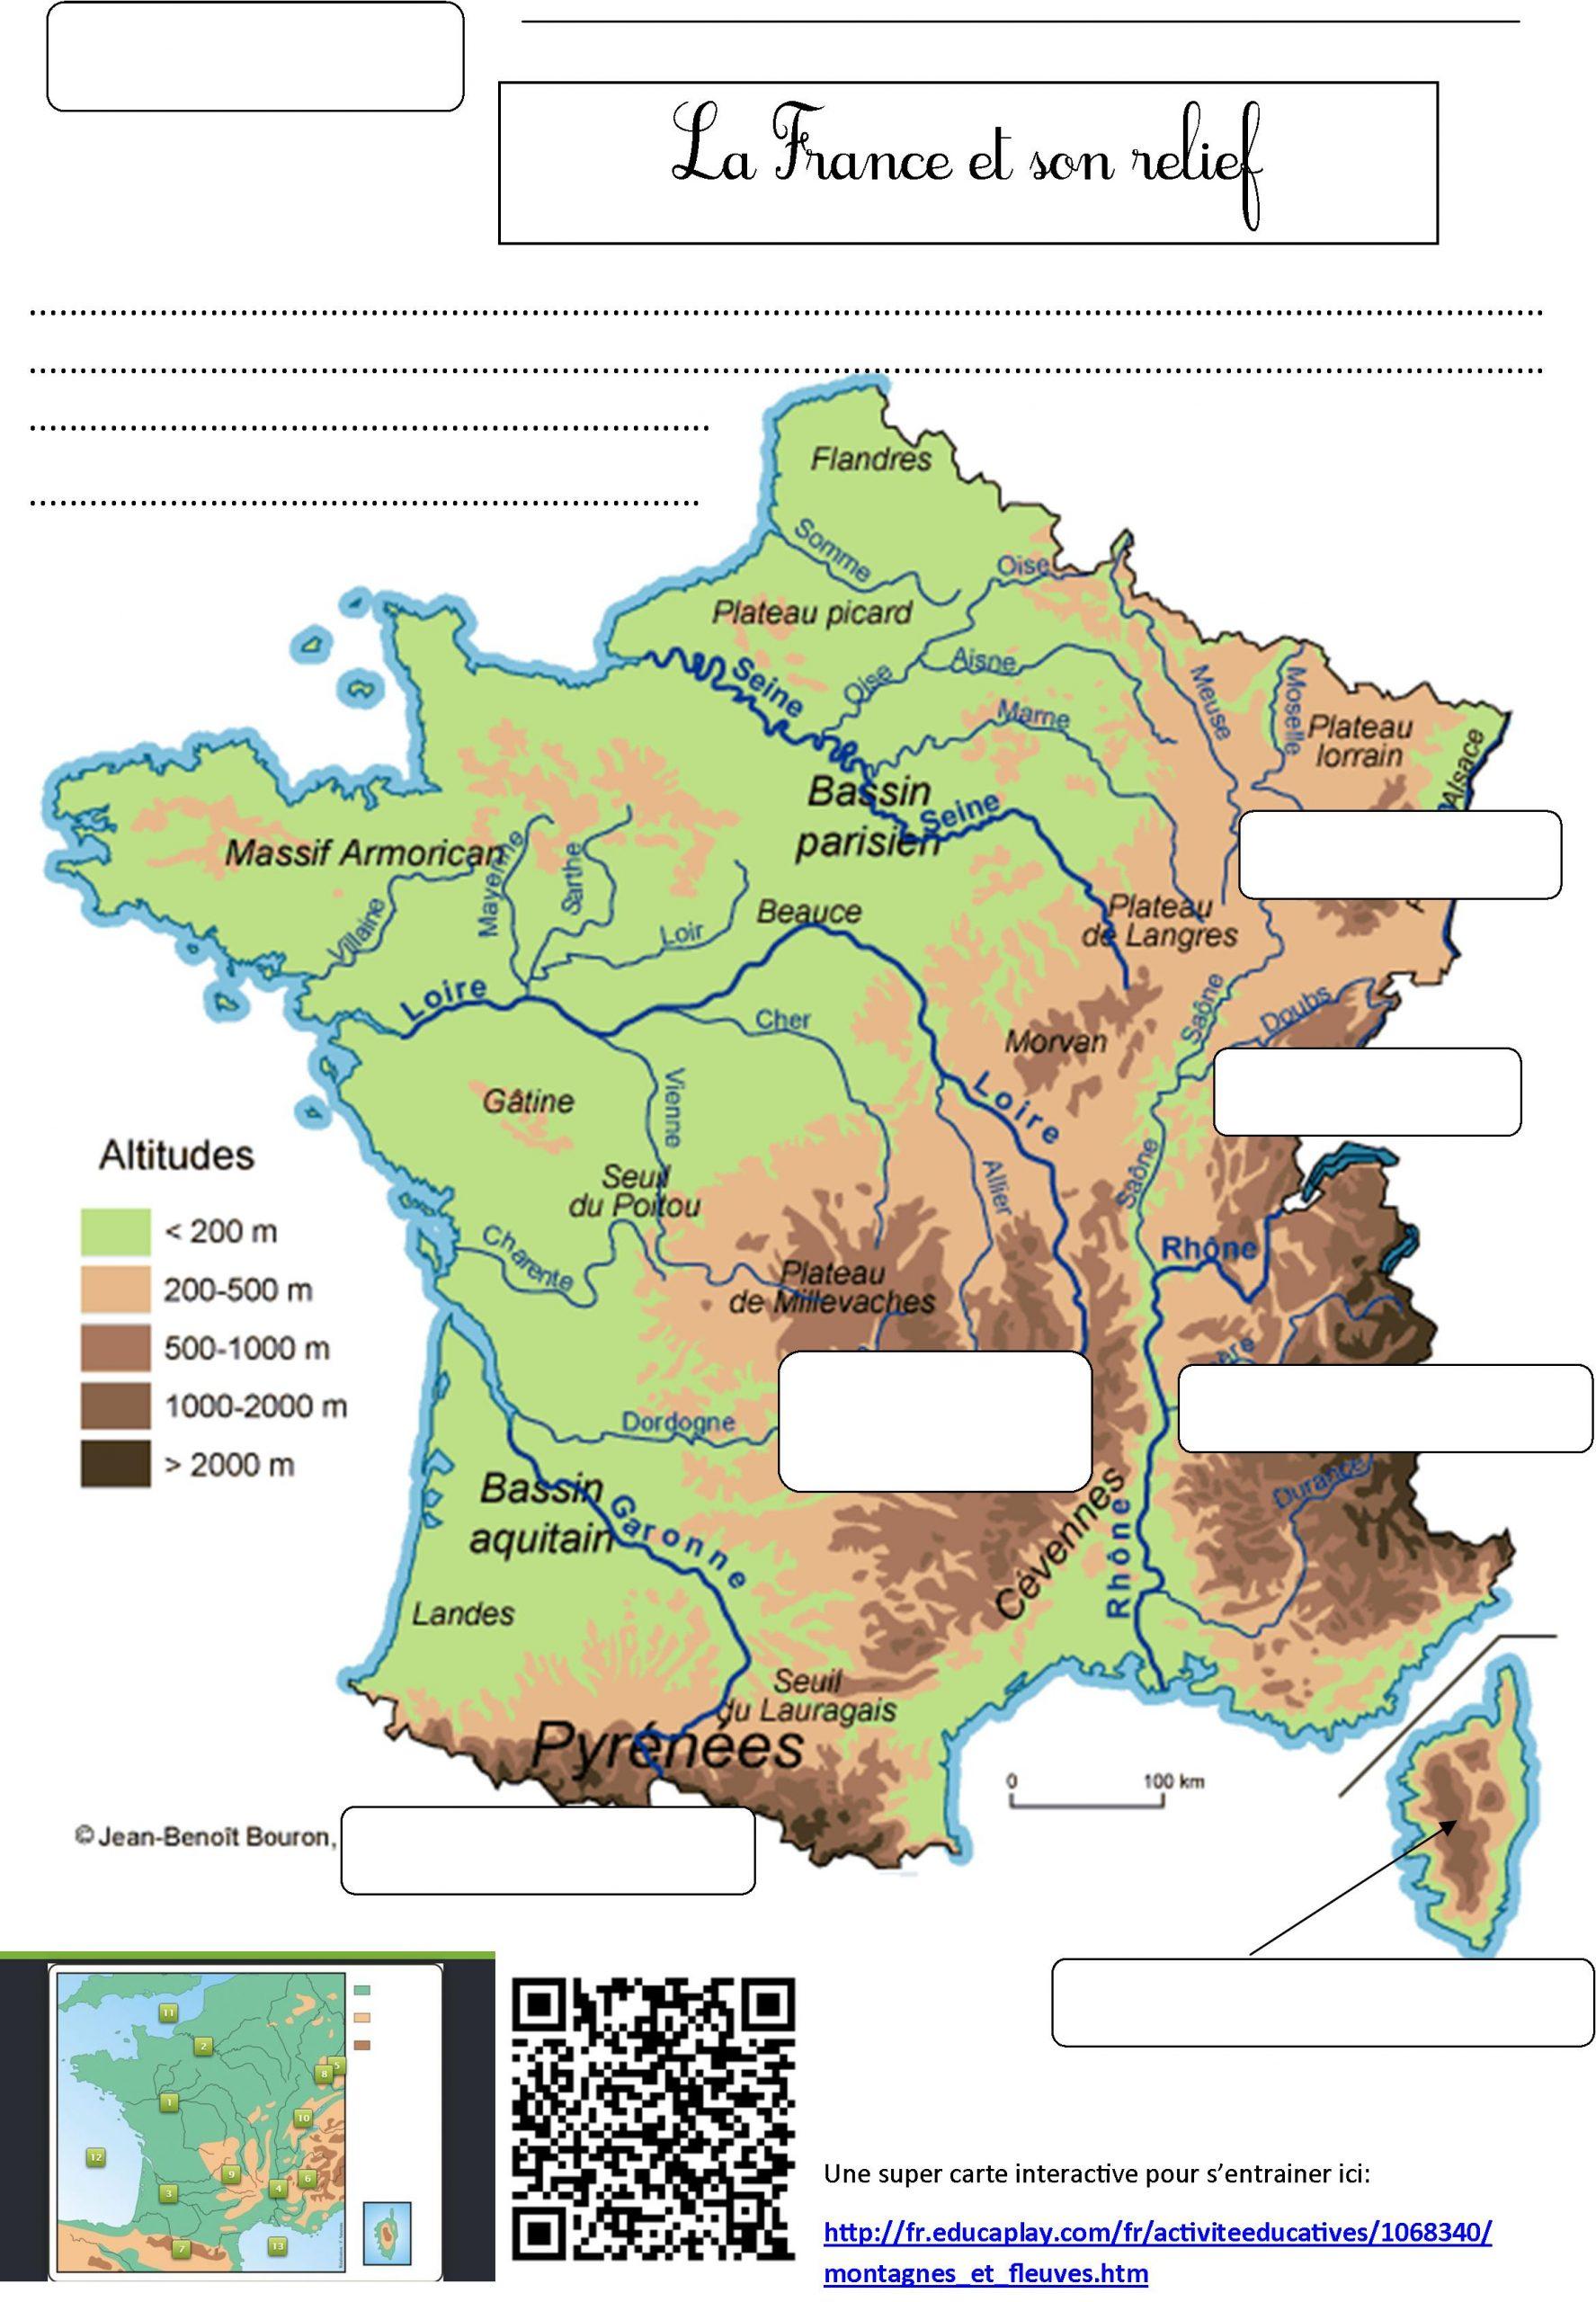 Fleuves De France   Le Blog De Monsieur Mathieu concernant Carte Des Fleuves De France